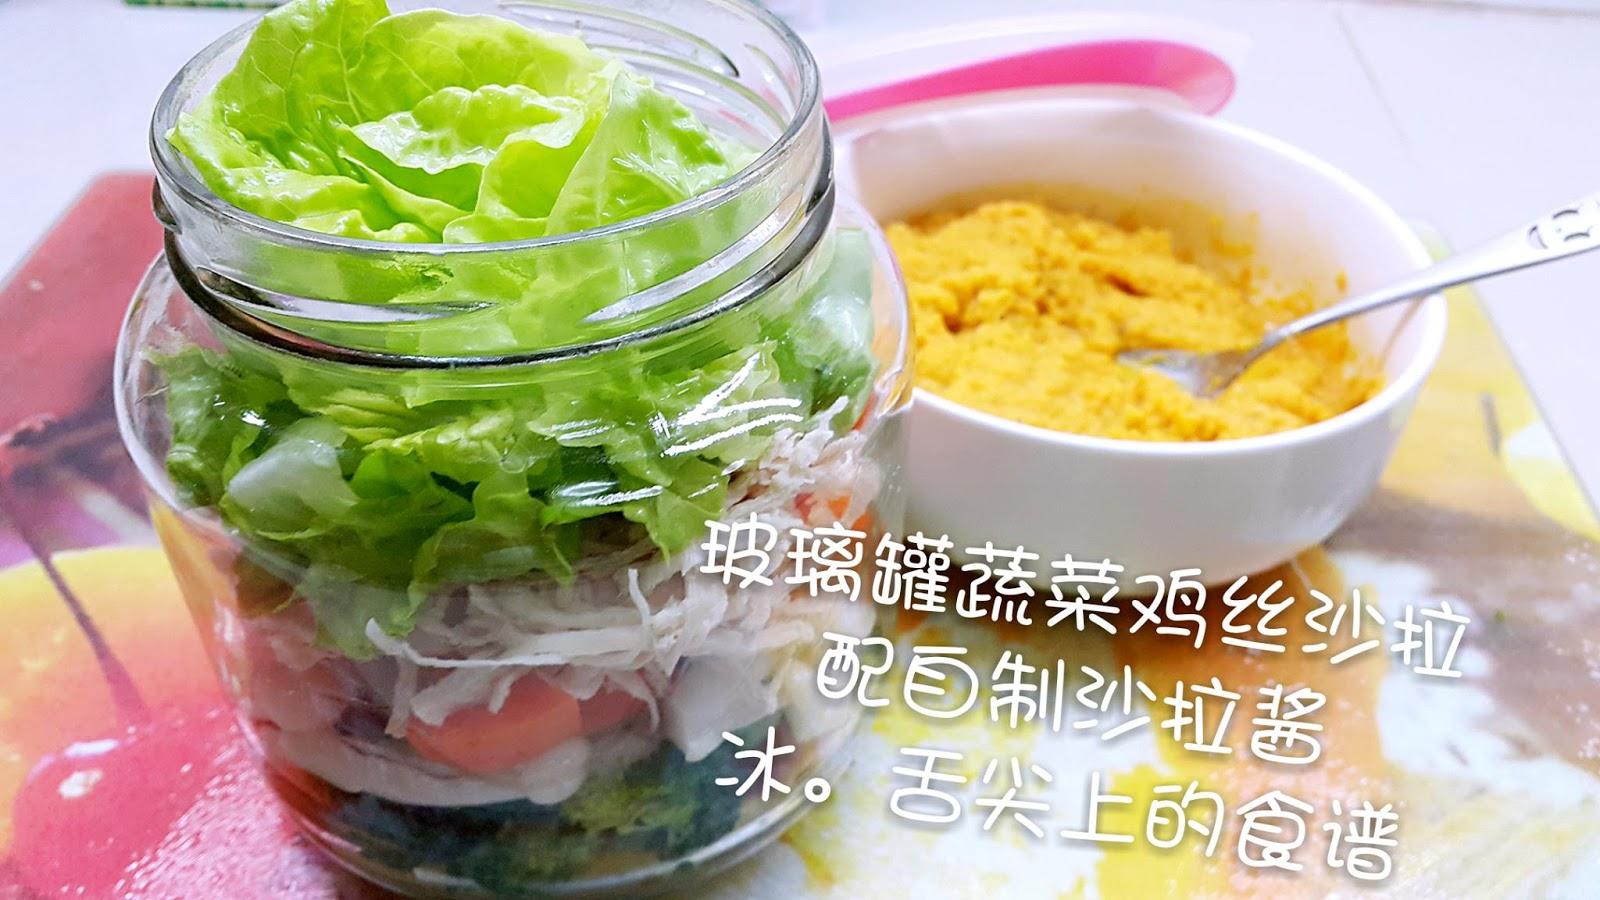 冰の舌尖上的食譜: 玻璃罐蔬菜雞絲沙拉 配了自制的健康沙拉醬